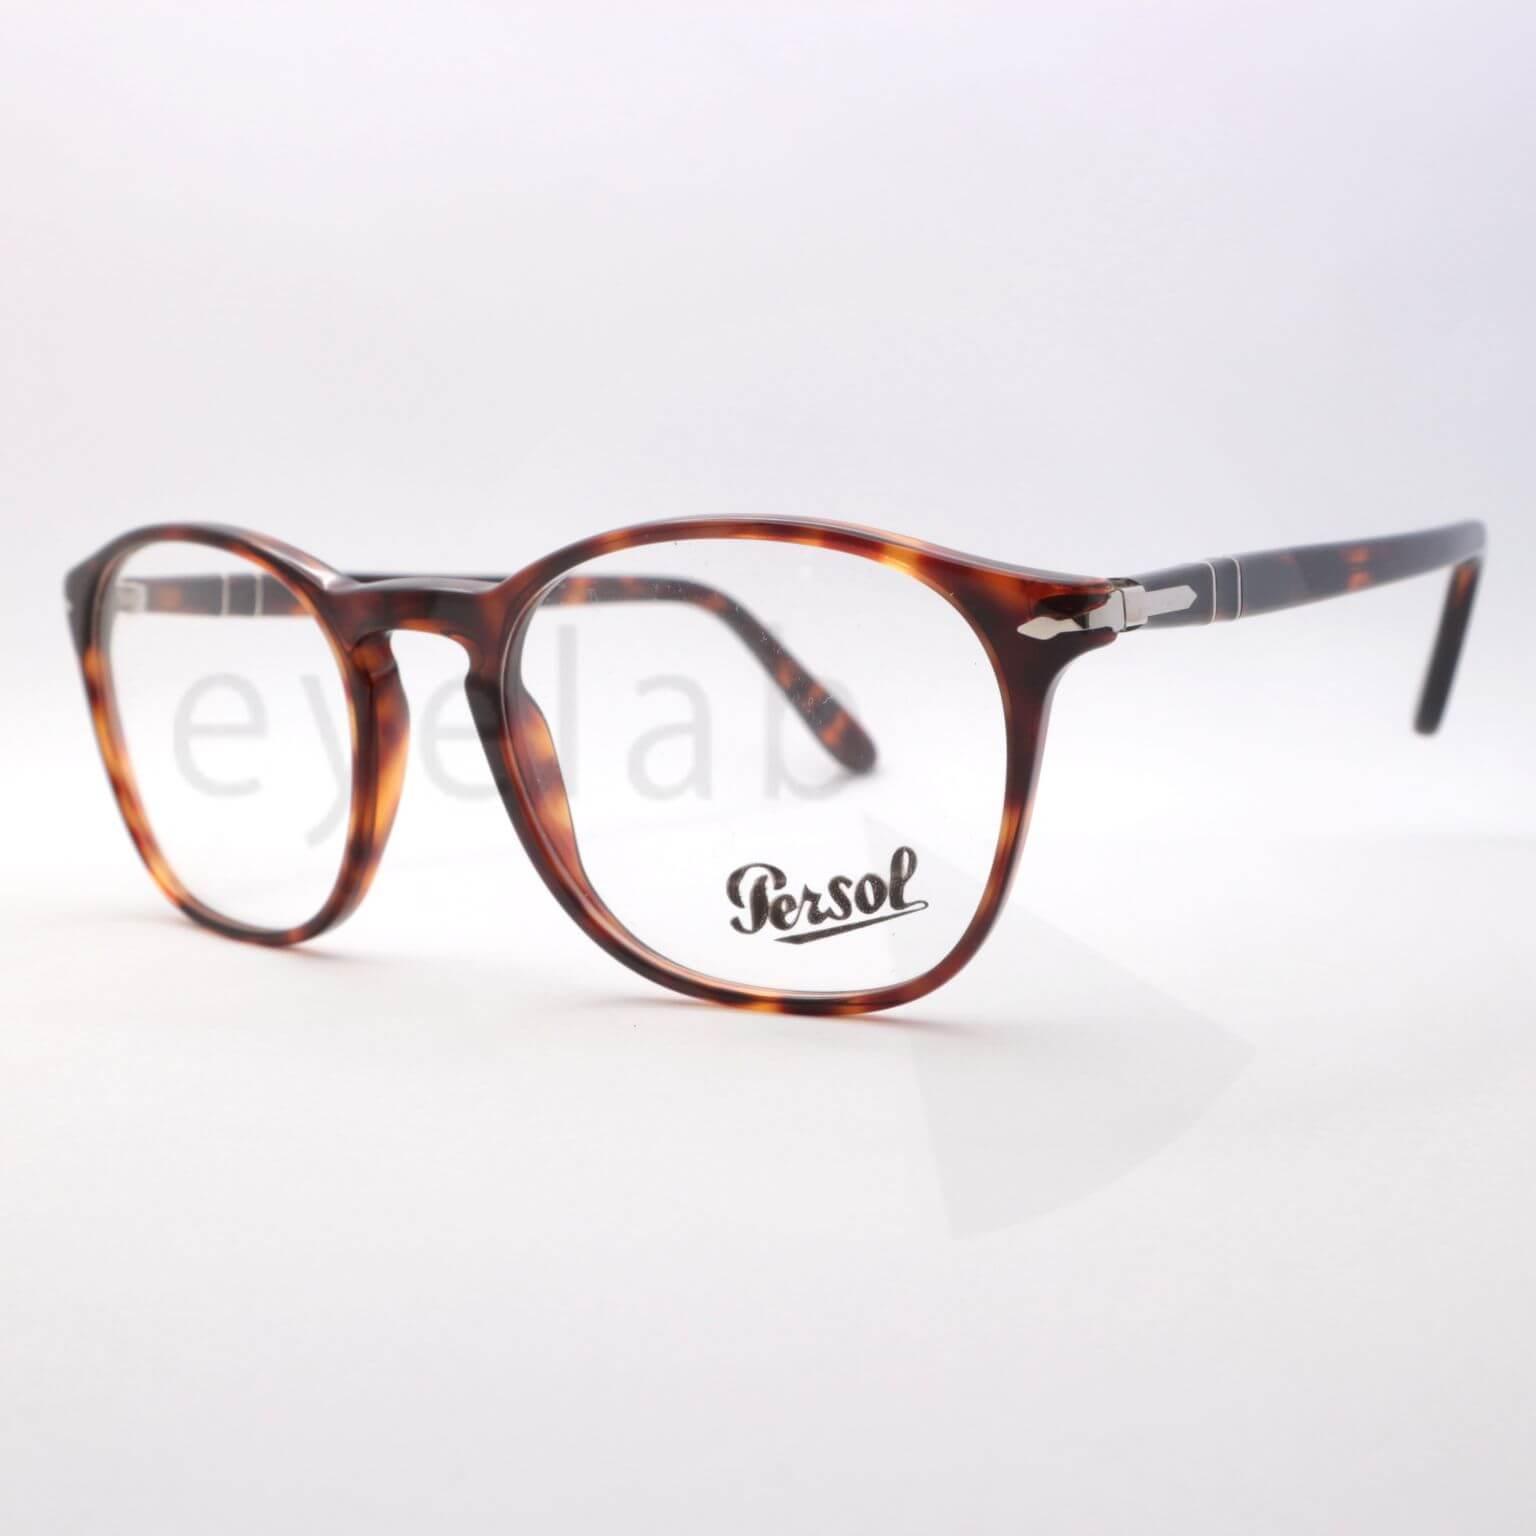 25089f2016 Γυαλιά οράσεως Persol 3007V 24 ~ Eyelab